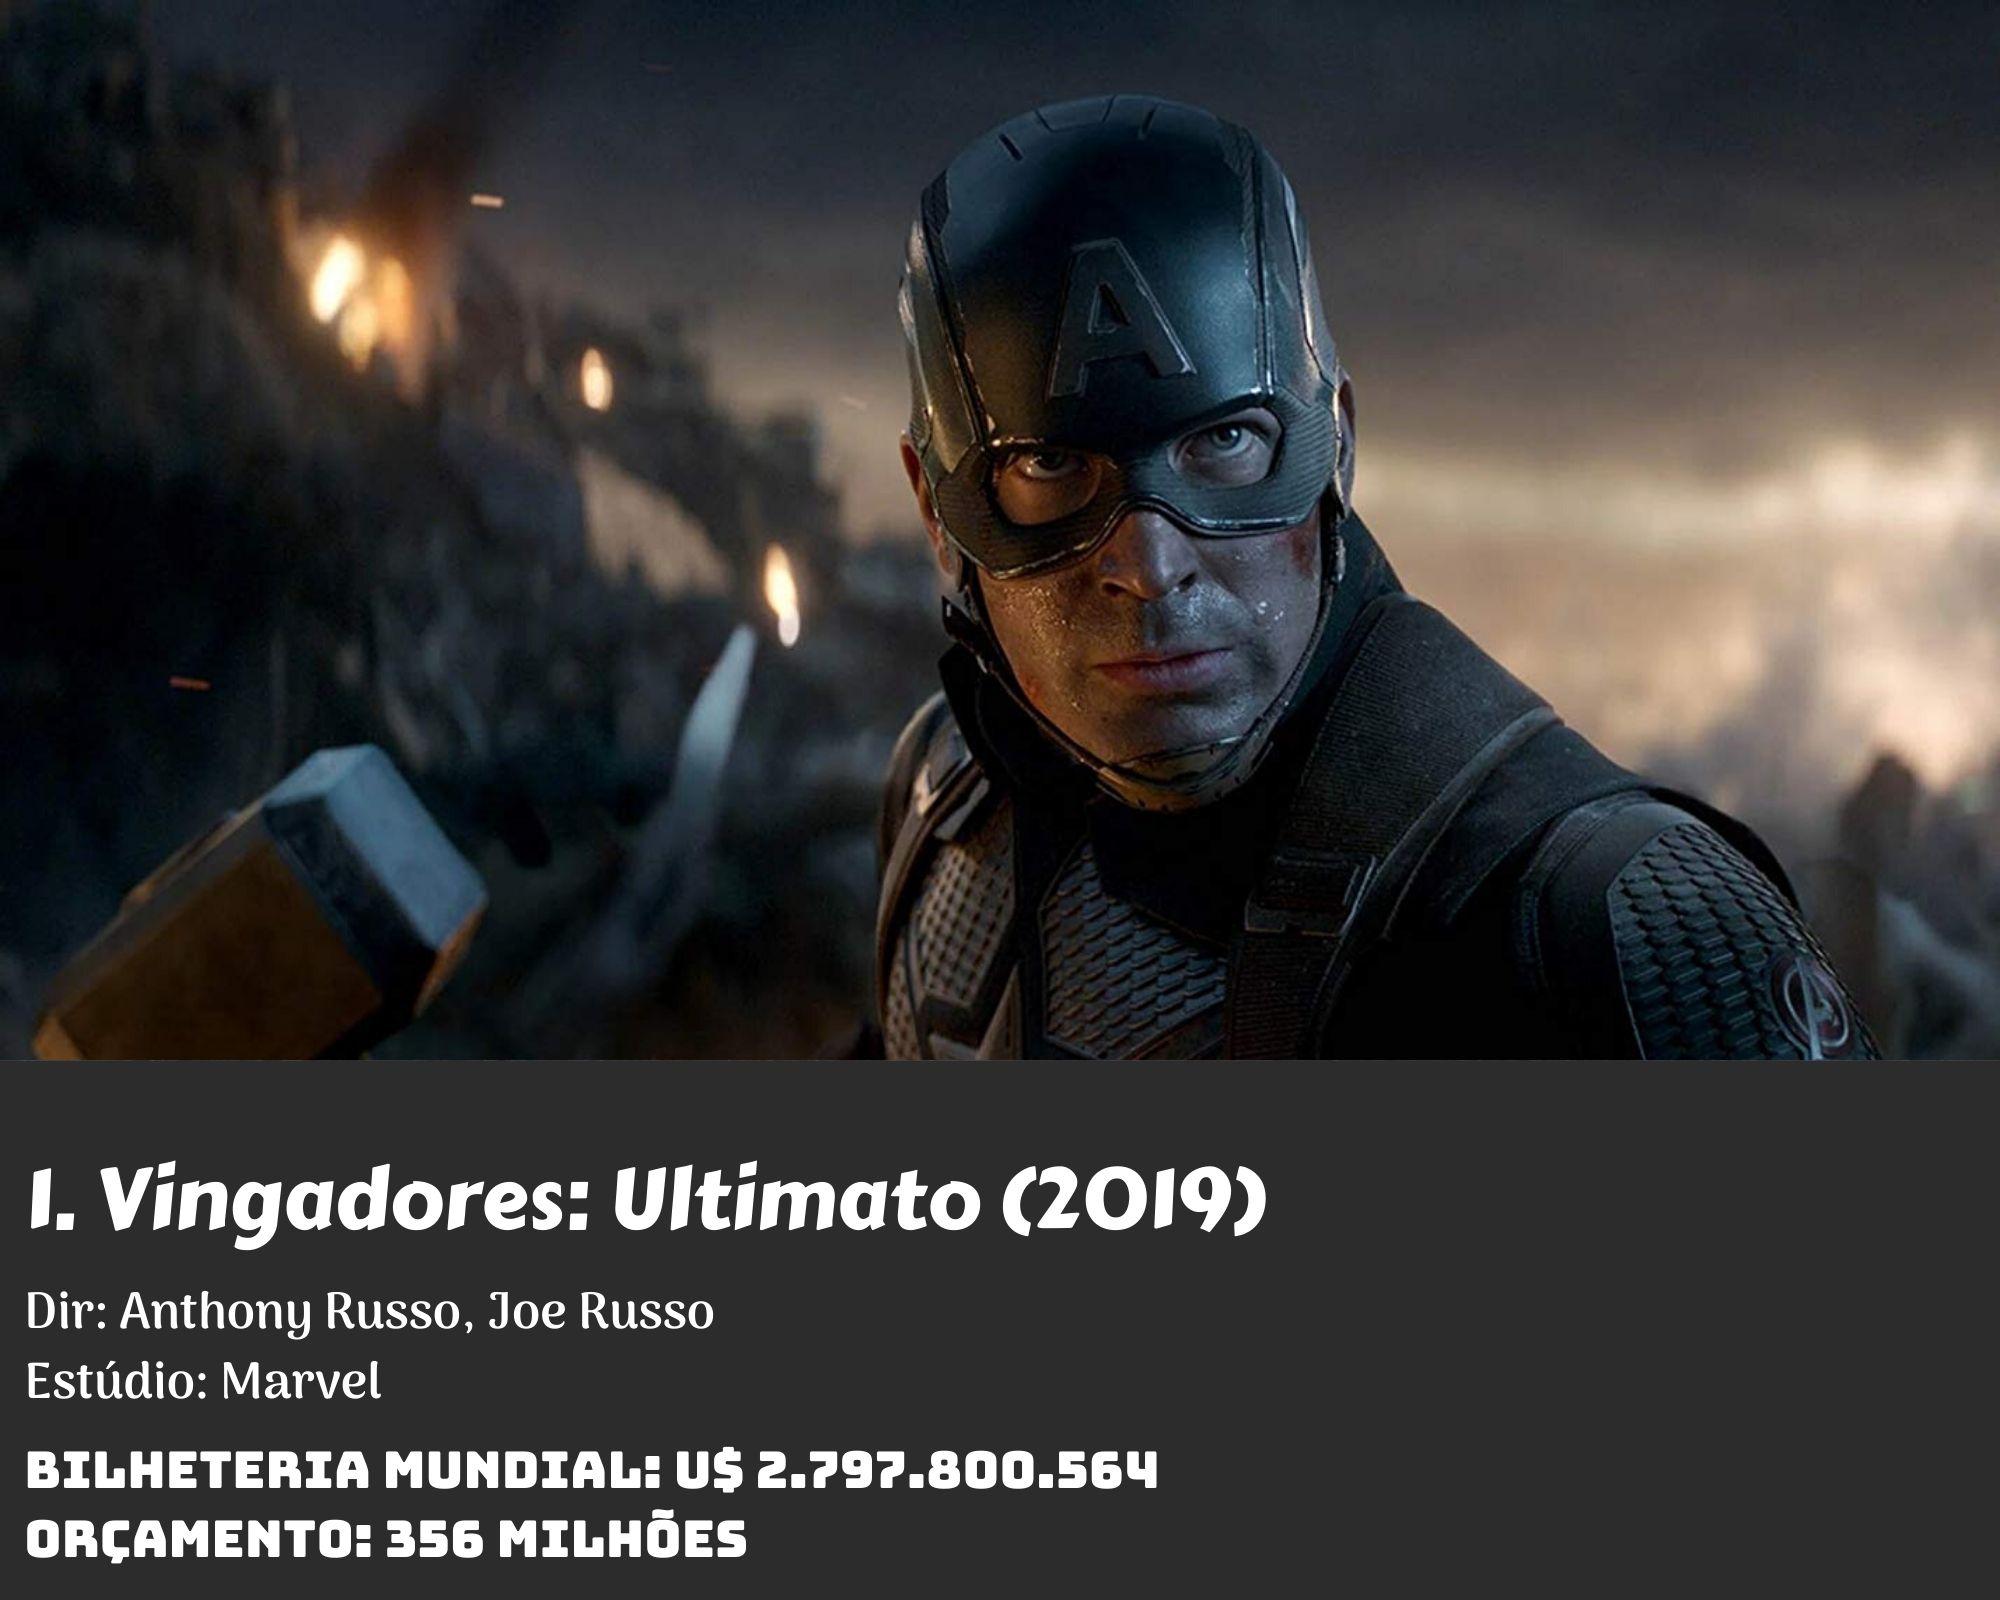 1. Avengers Endgame